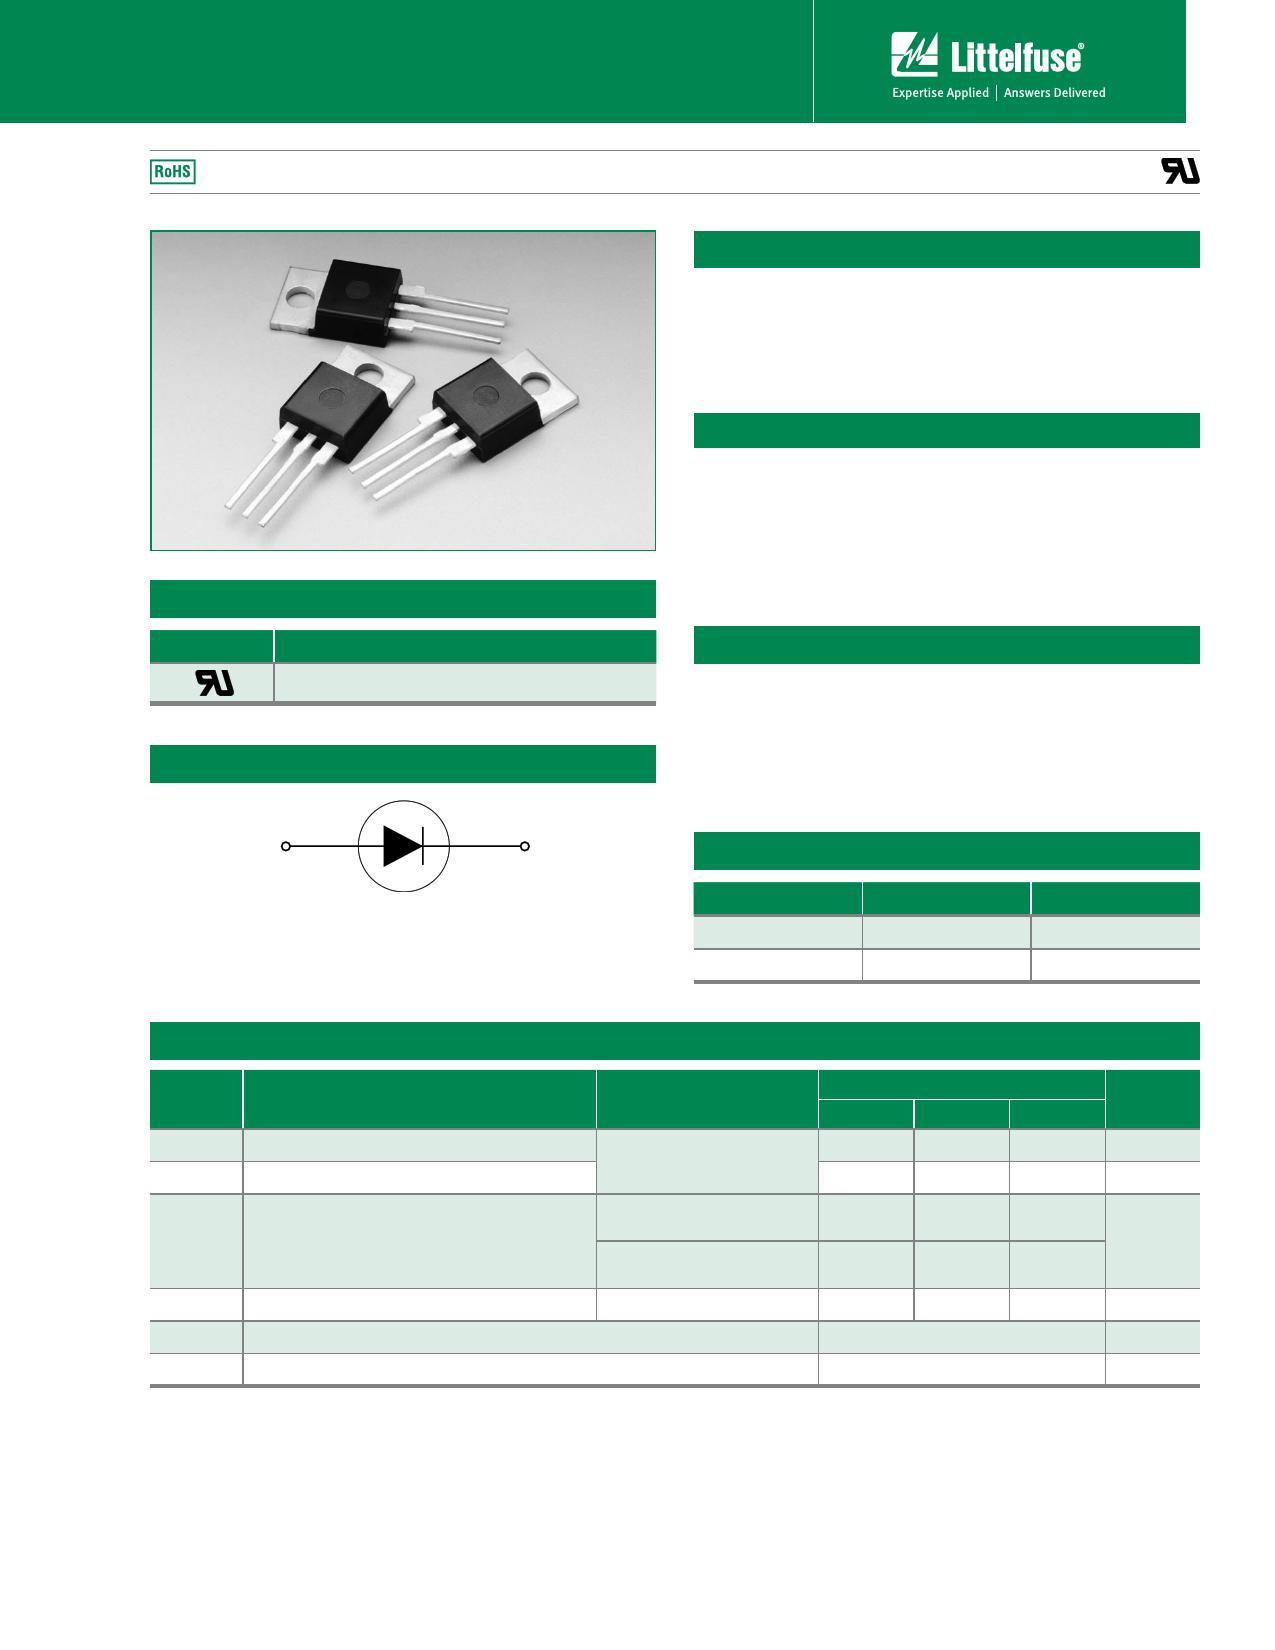 D4015L Hoja de datos, Descripción, Manual